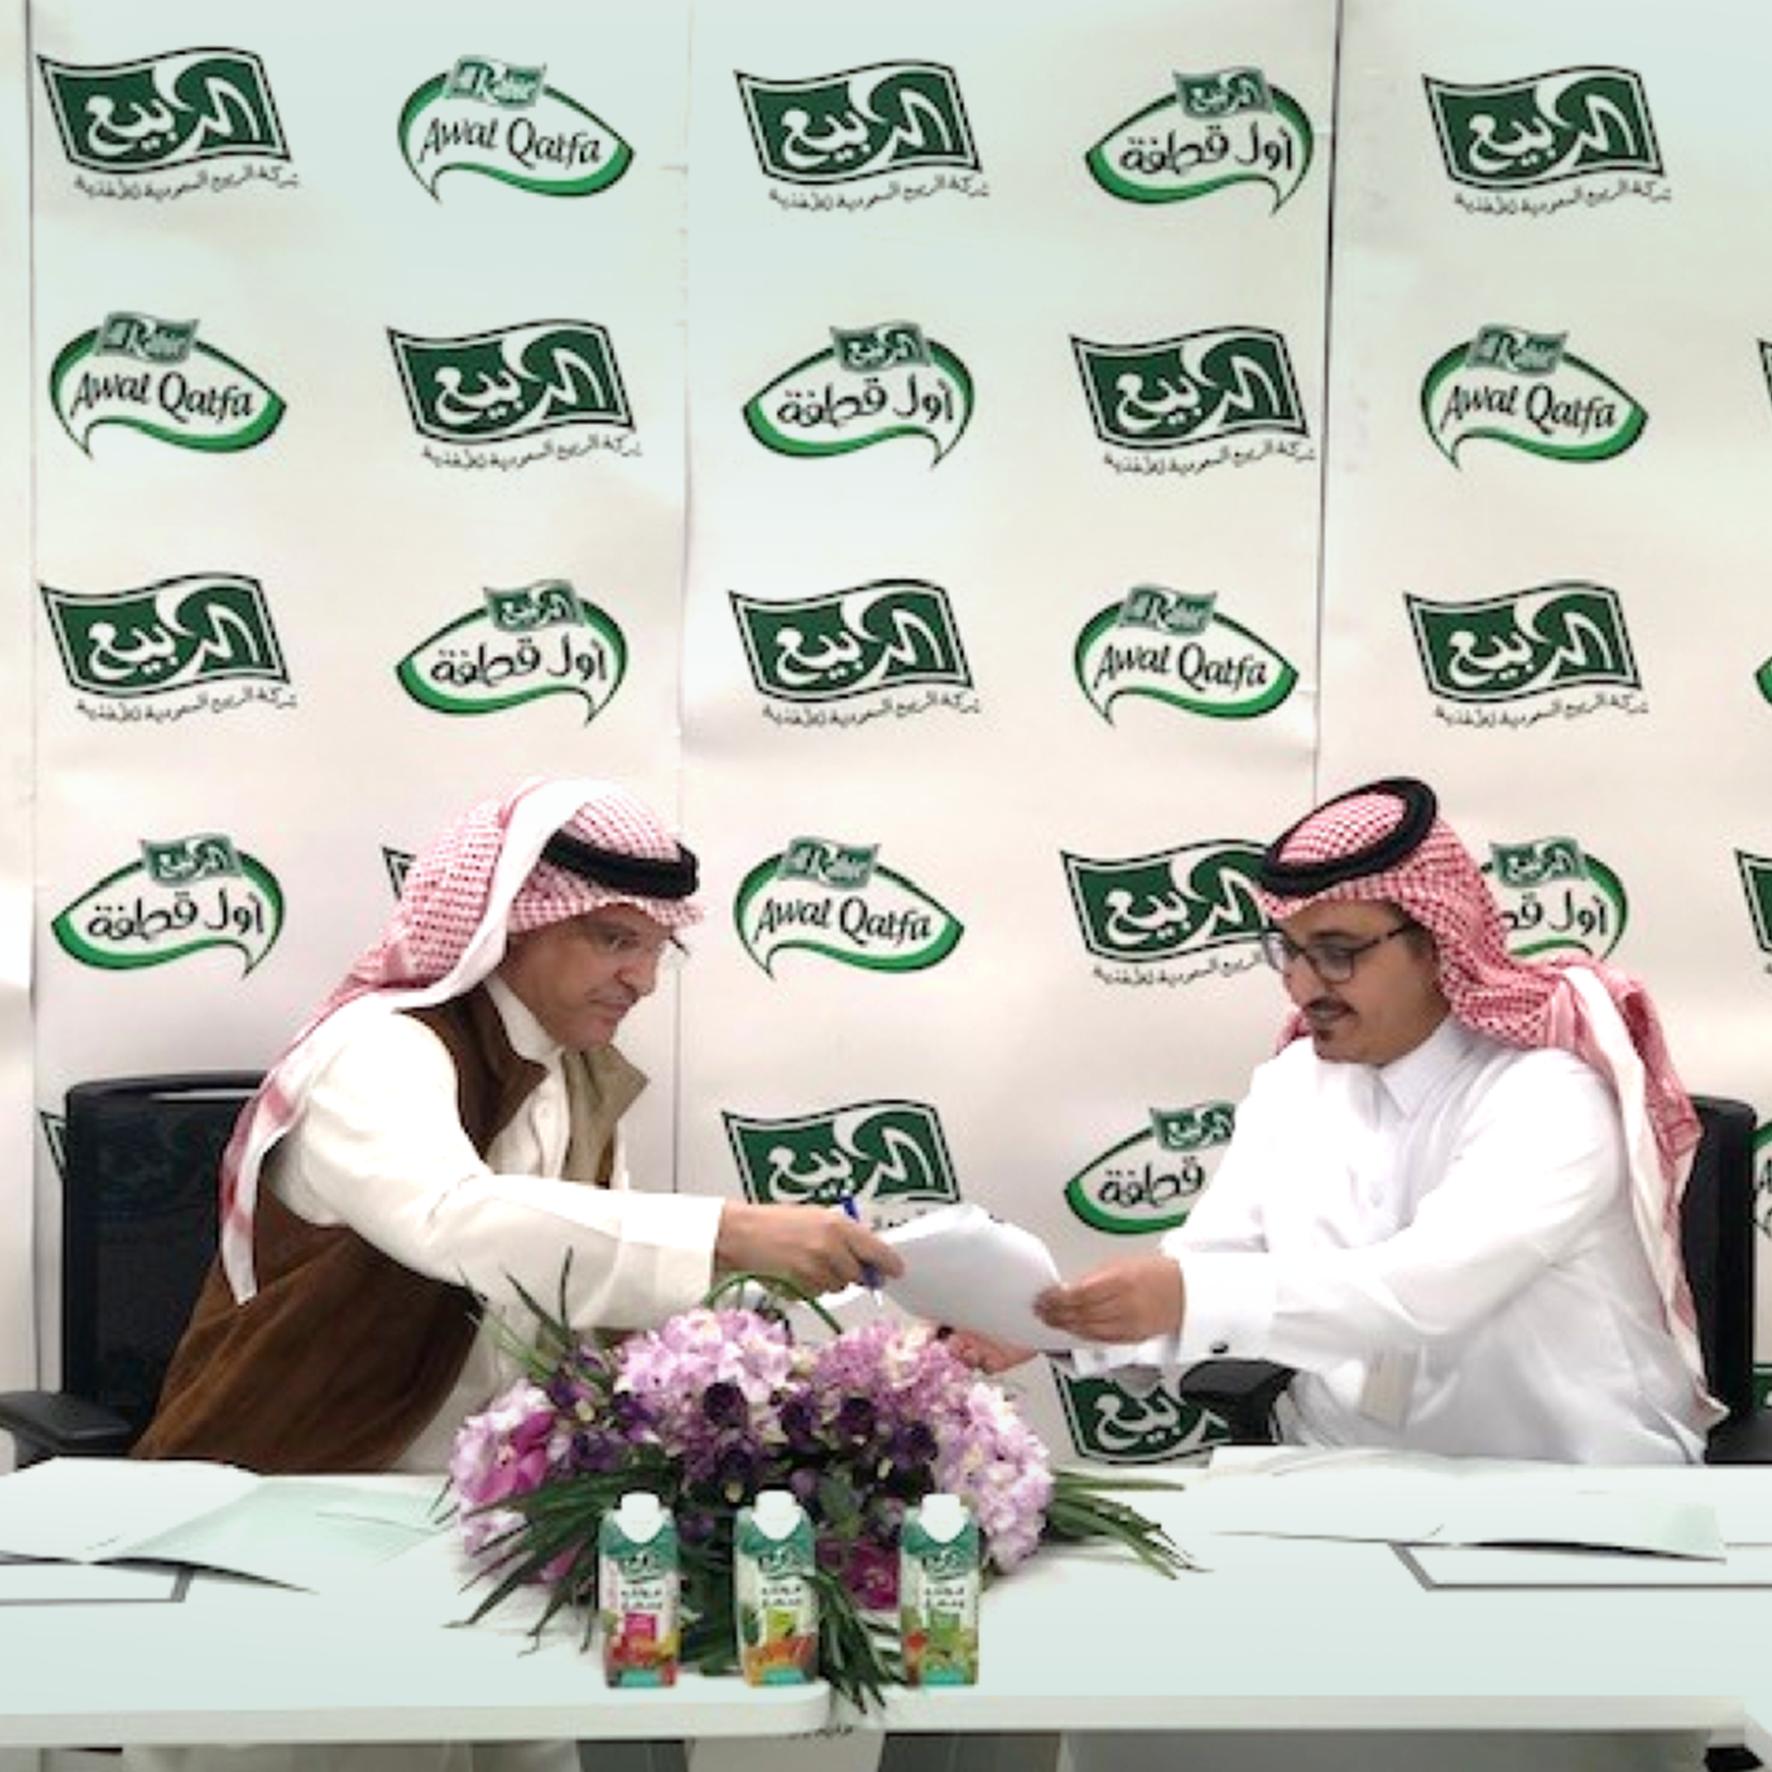 شركة الربيع السعودية للأغذية  توقع اتفاقية شراكة مع البنك السعودي للطعام (إطعام)